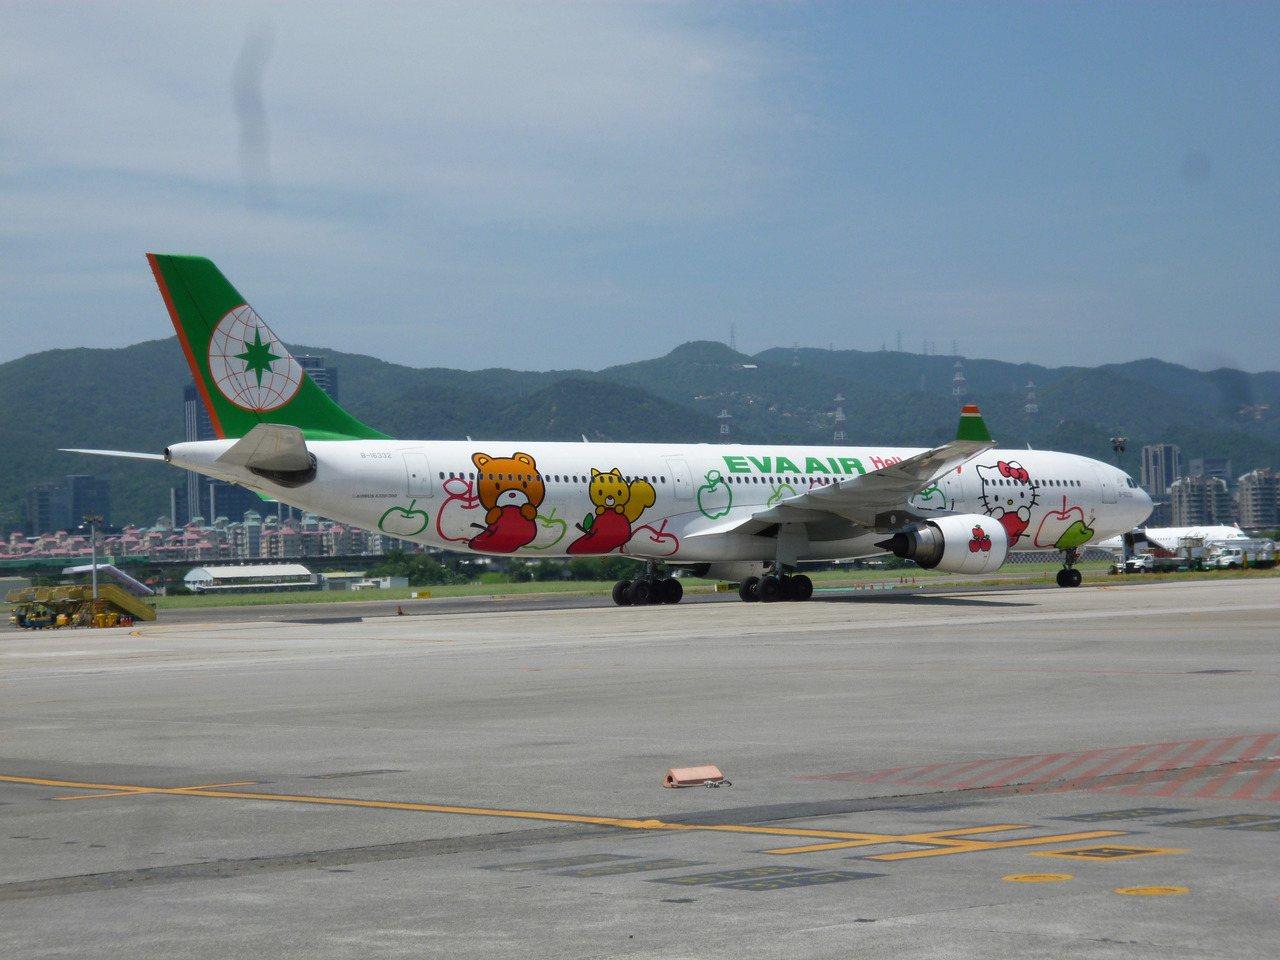 受泰利颱風影響,長榮航空14日多條國際航線停飛。記者楊文琪/攝影